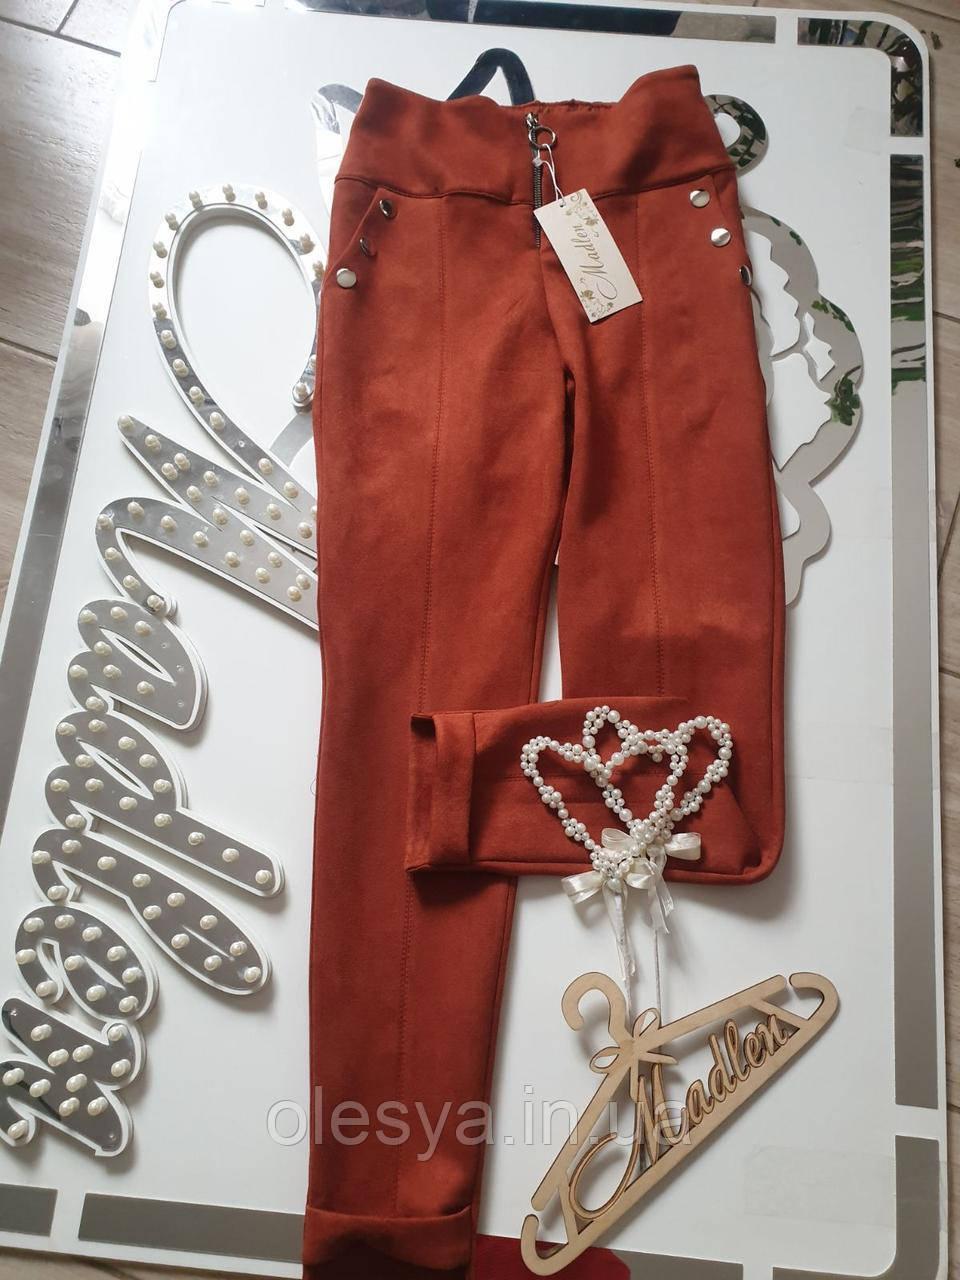 Брюки модные замшевые с высокой талией, для девочек  размеры 134 - 164